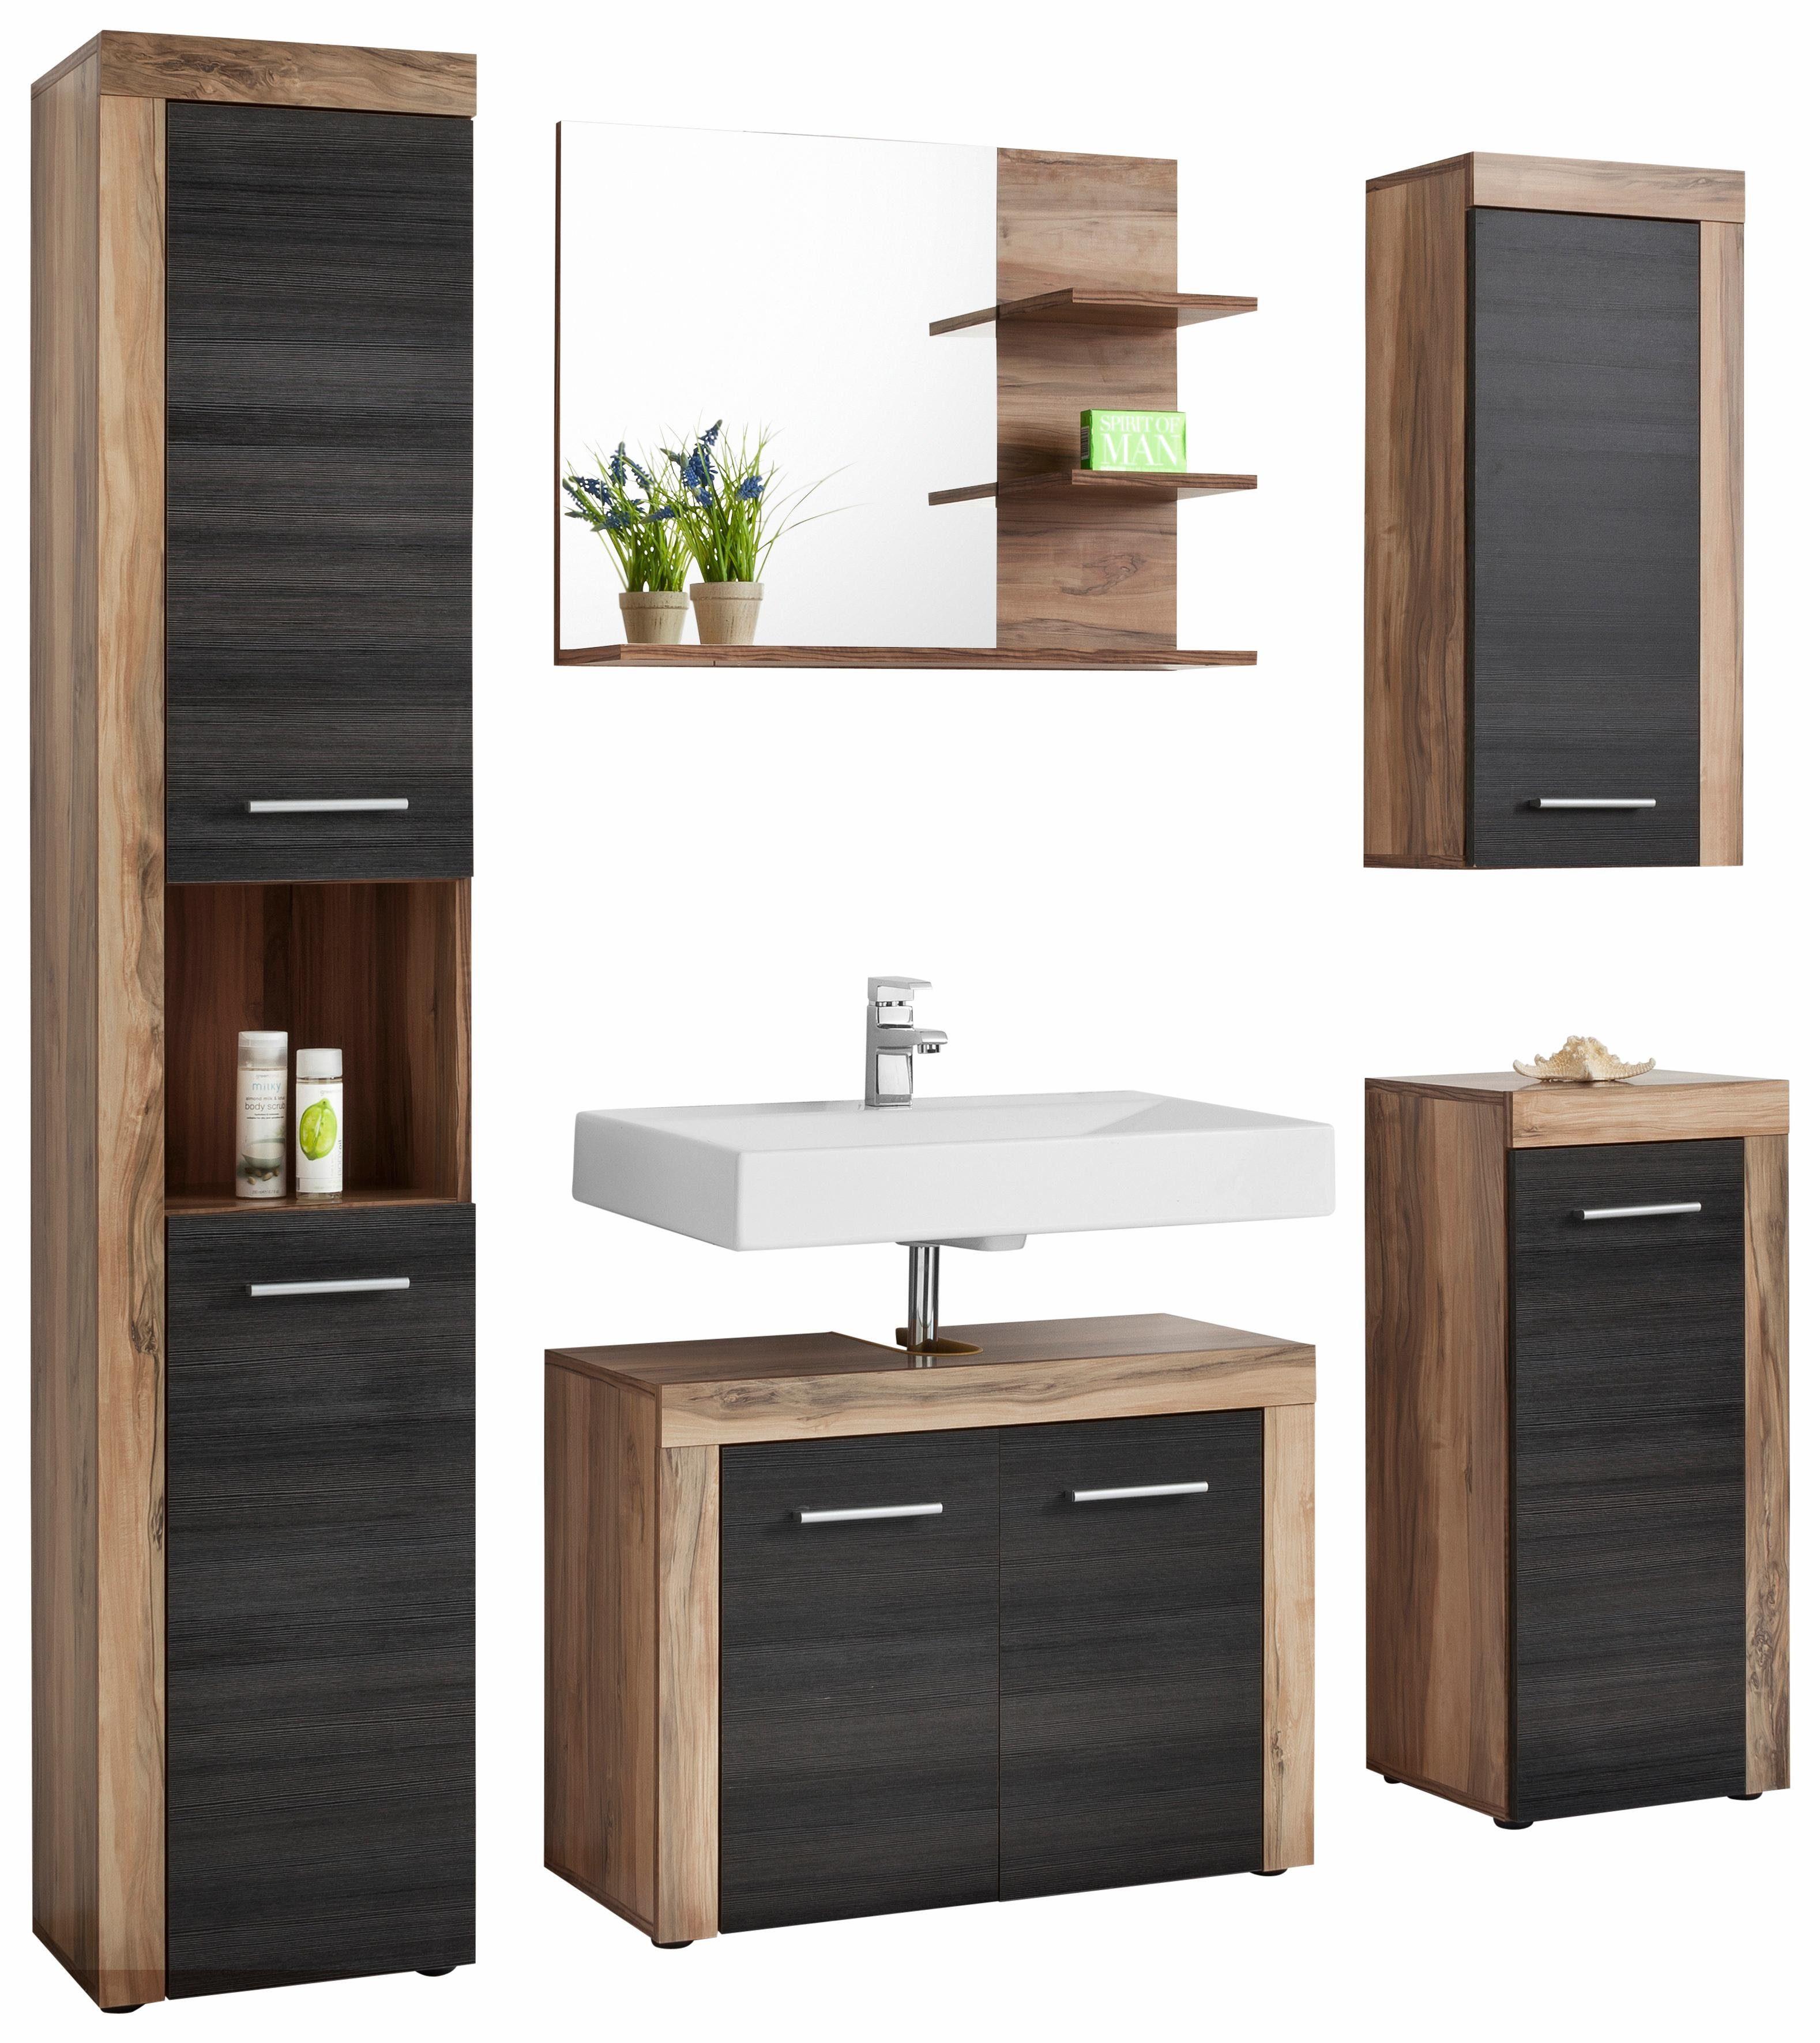 welltime badm bel set cancun 5 tlg mit struktur fronten online kaufen otto. Black Bedroom Furniture Sets. Home Design Ideas